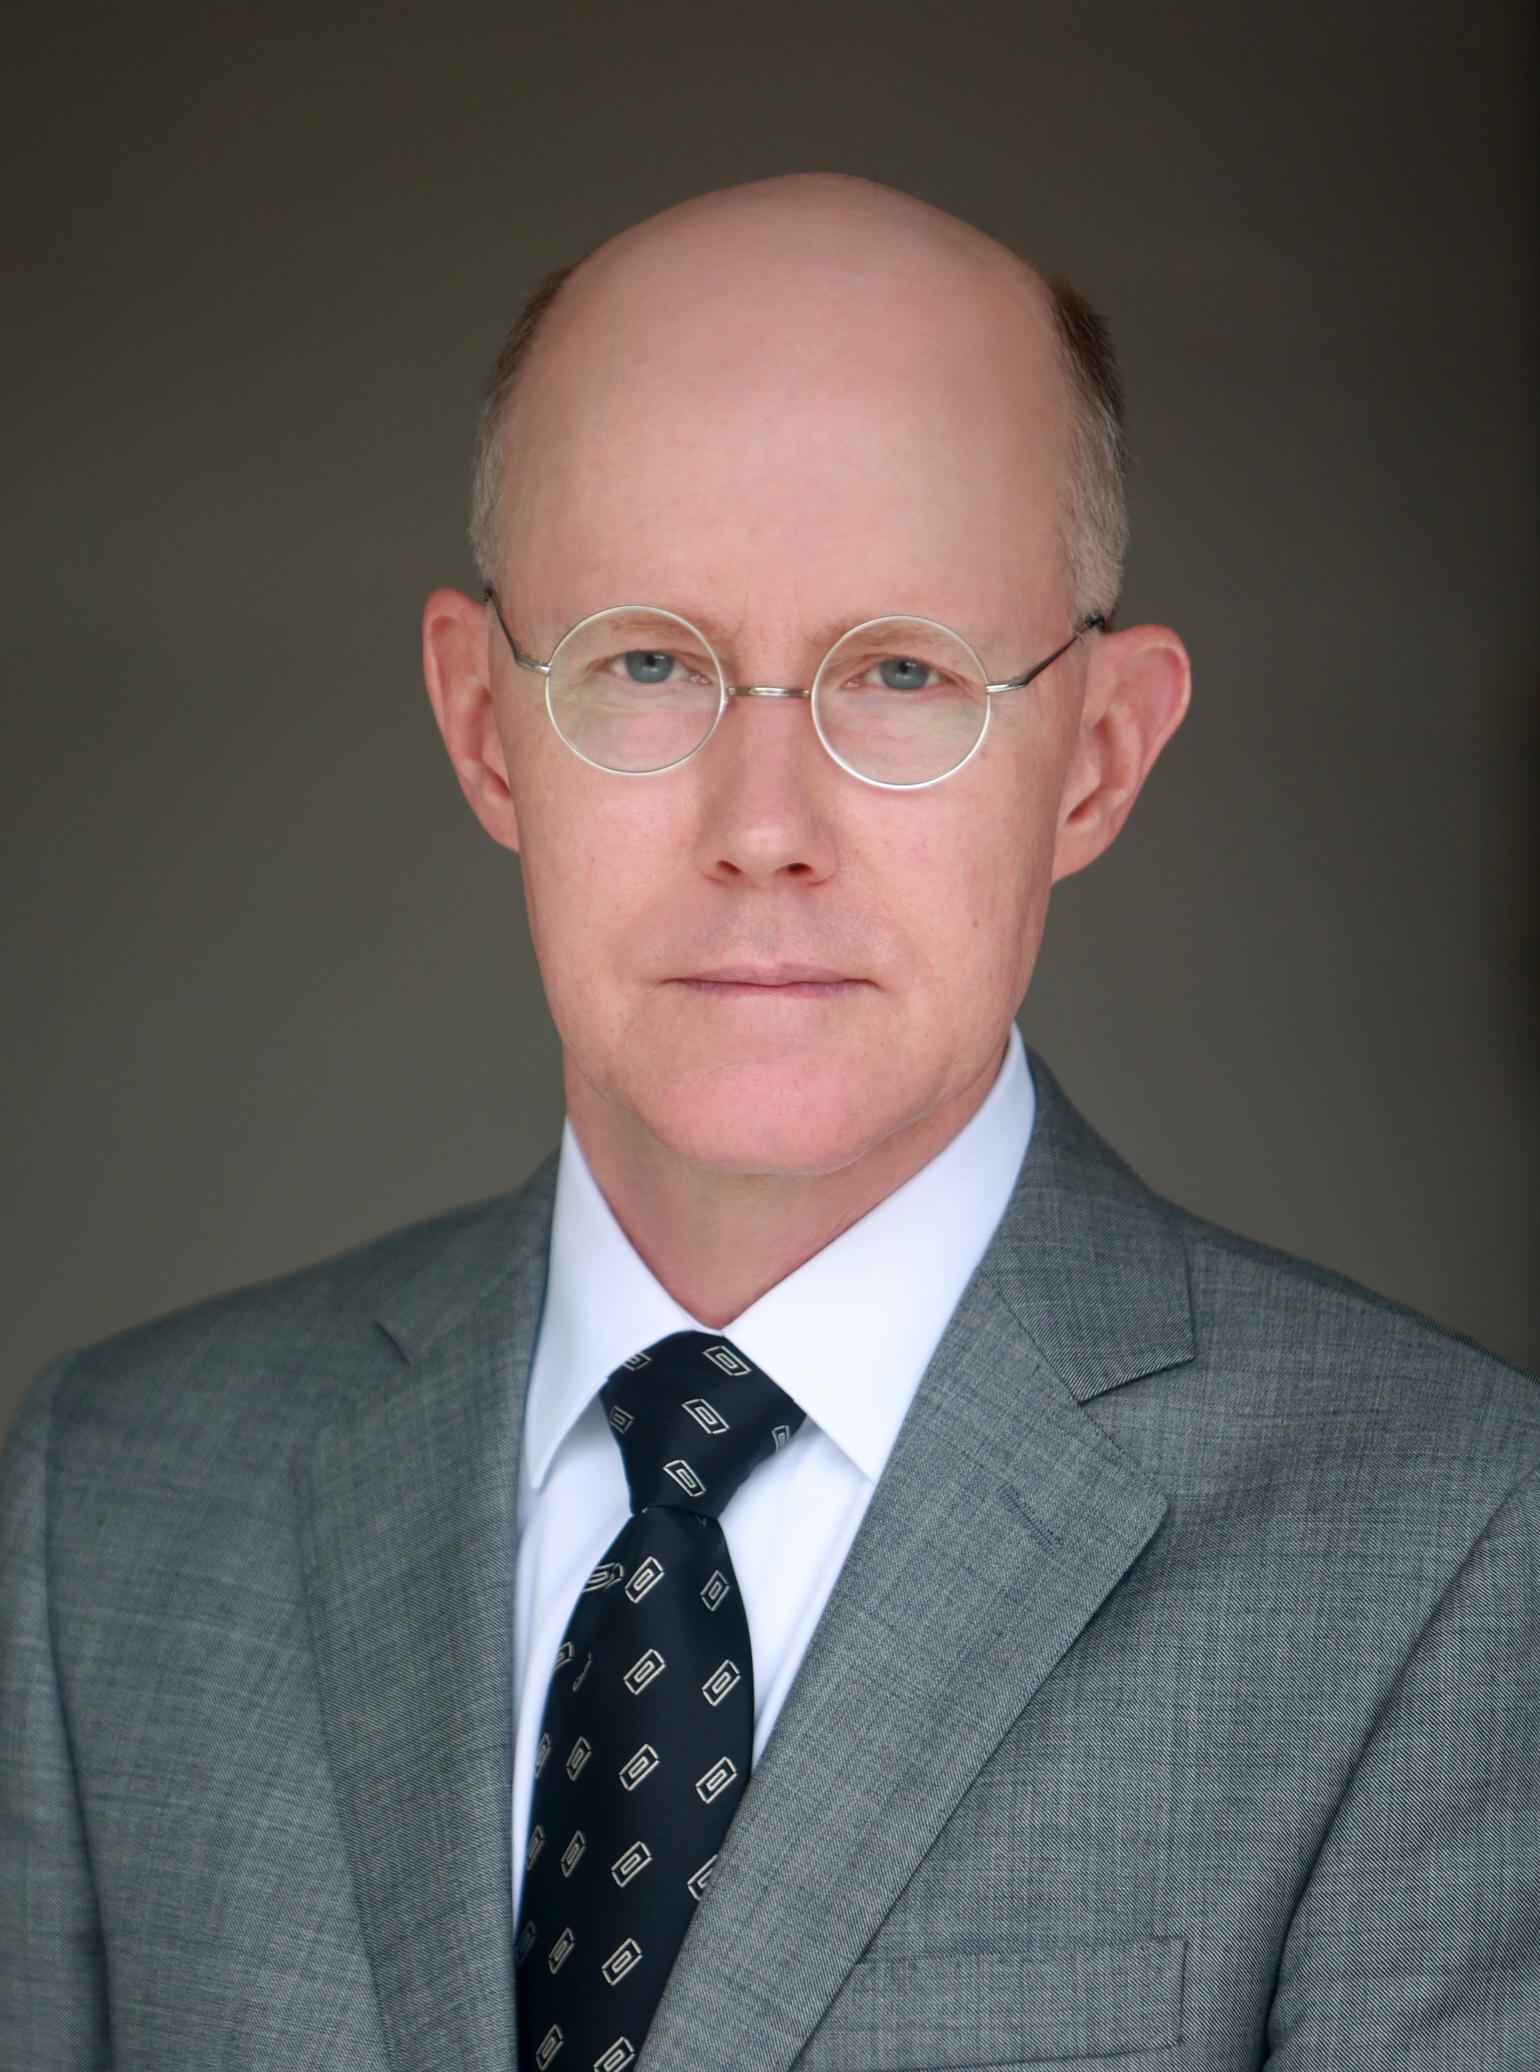 Allan Shearer Headshot